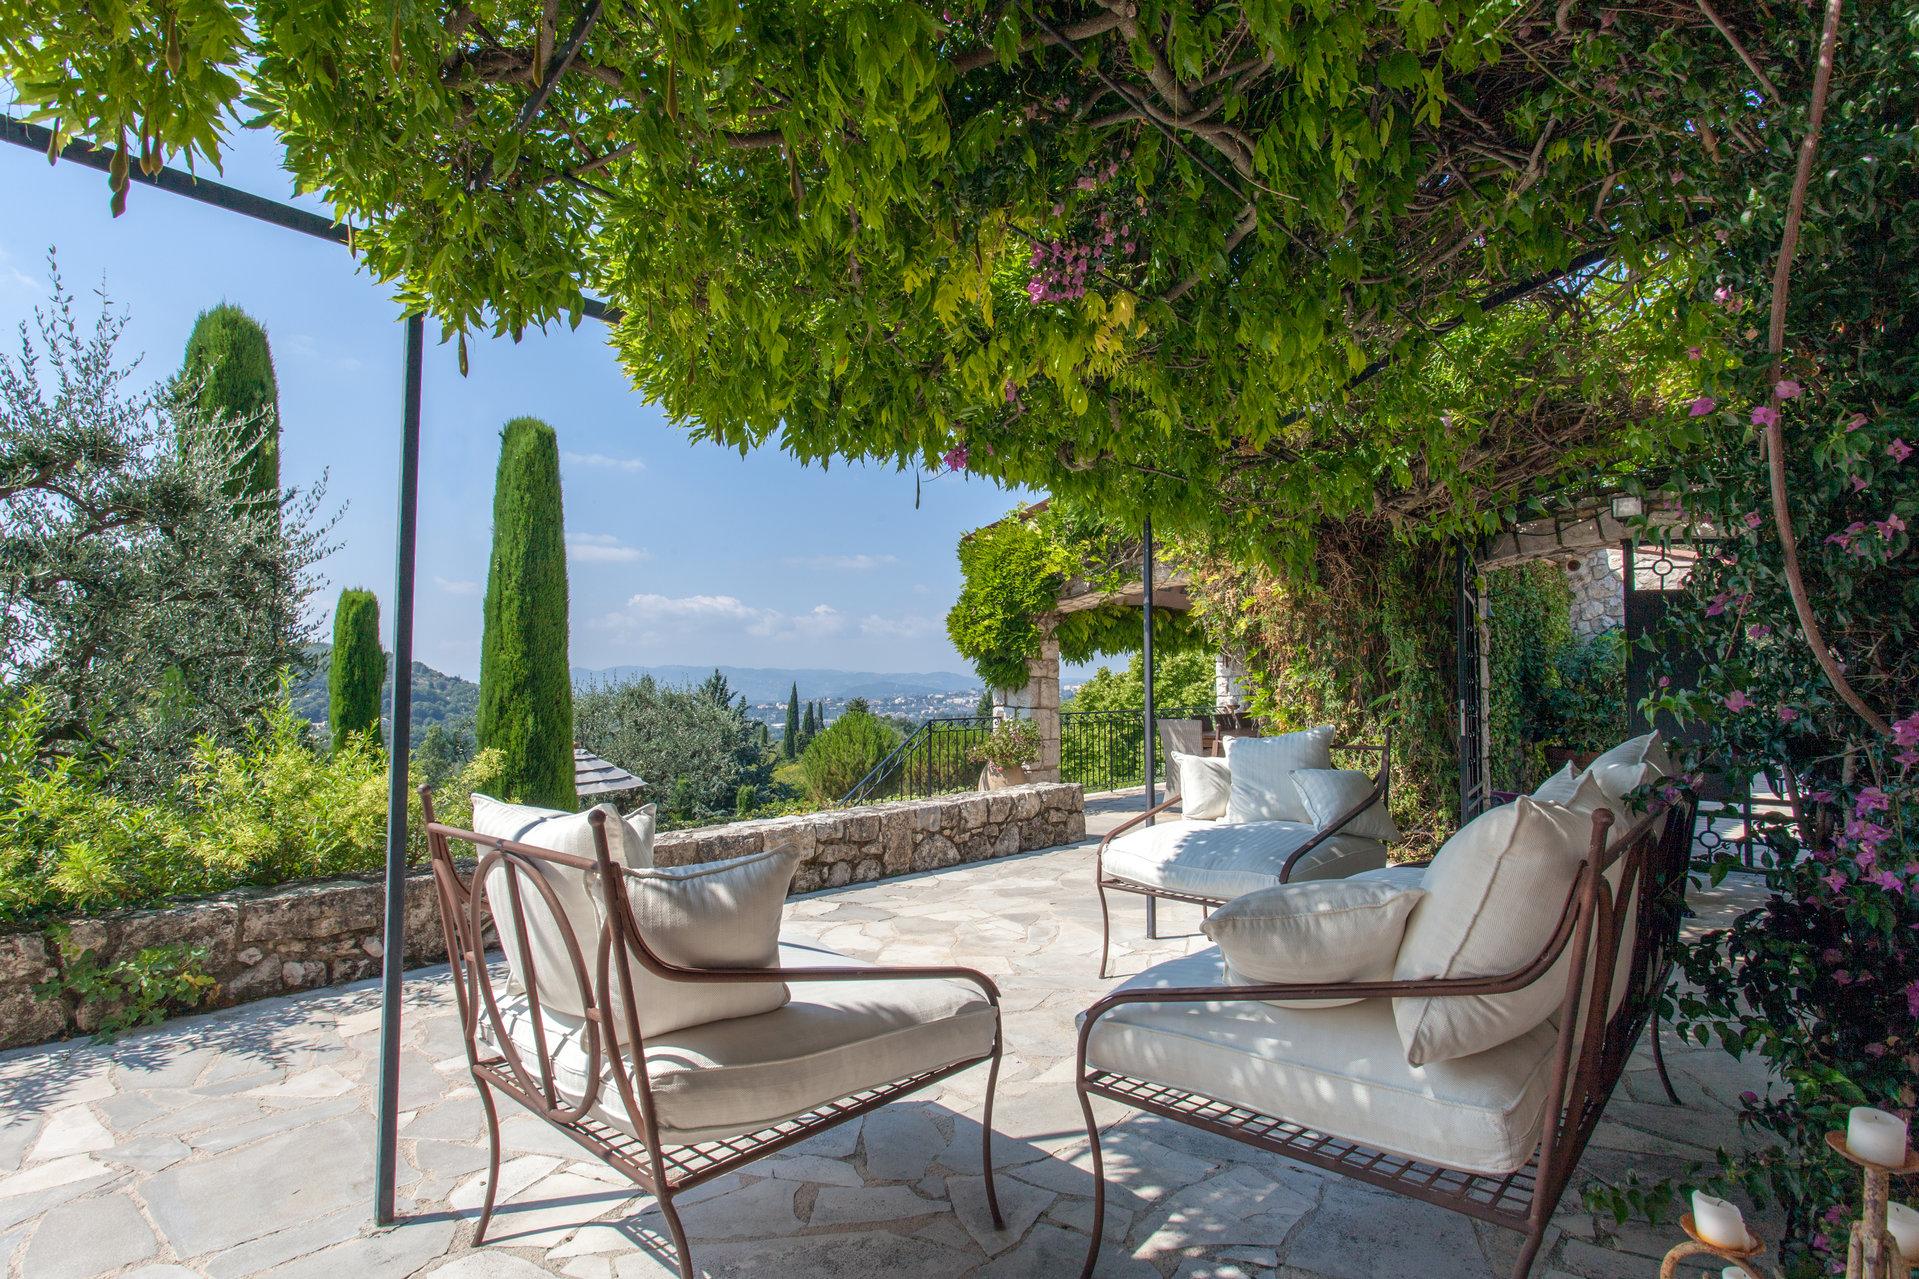 Magagnosc - Exceptionnel mas provençal avec vue panoramique sur mer et campagne